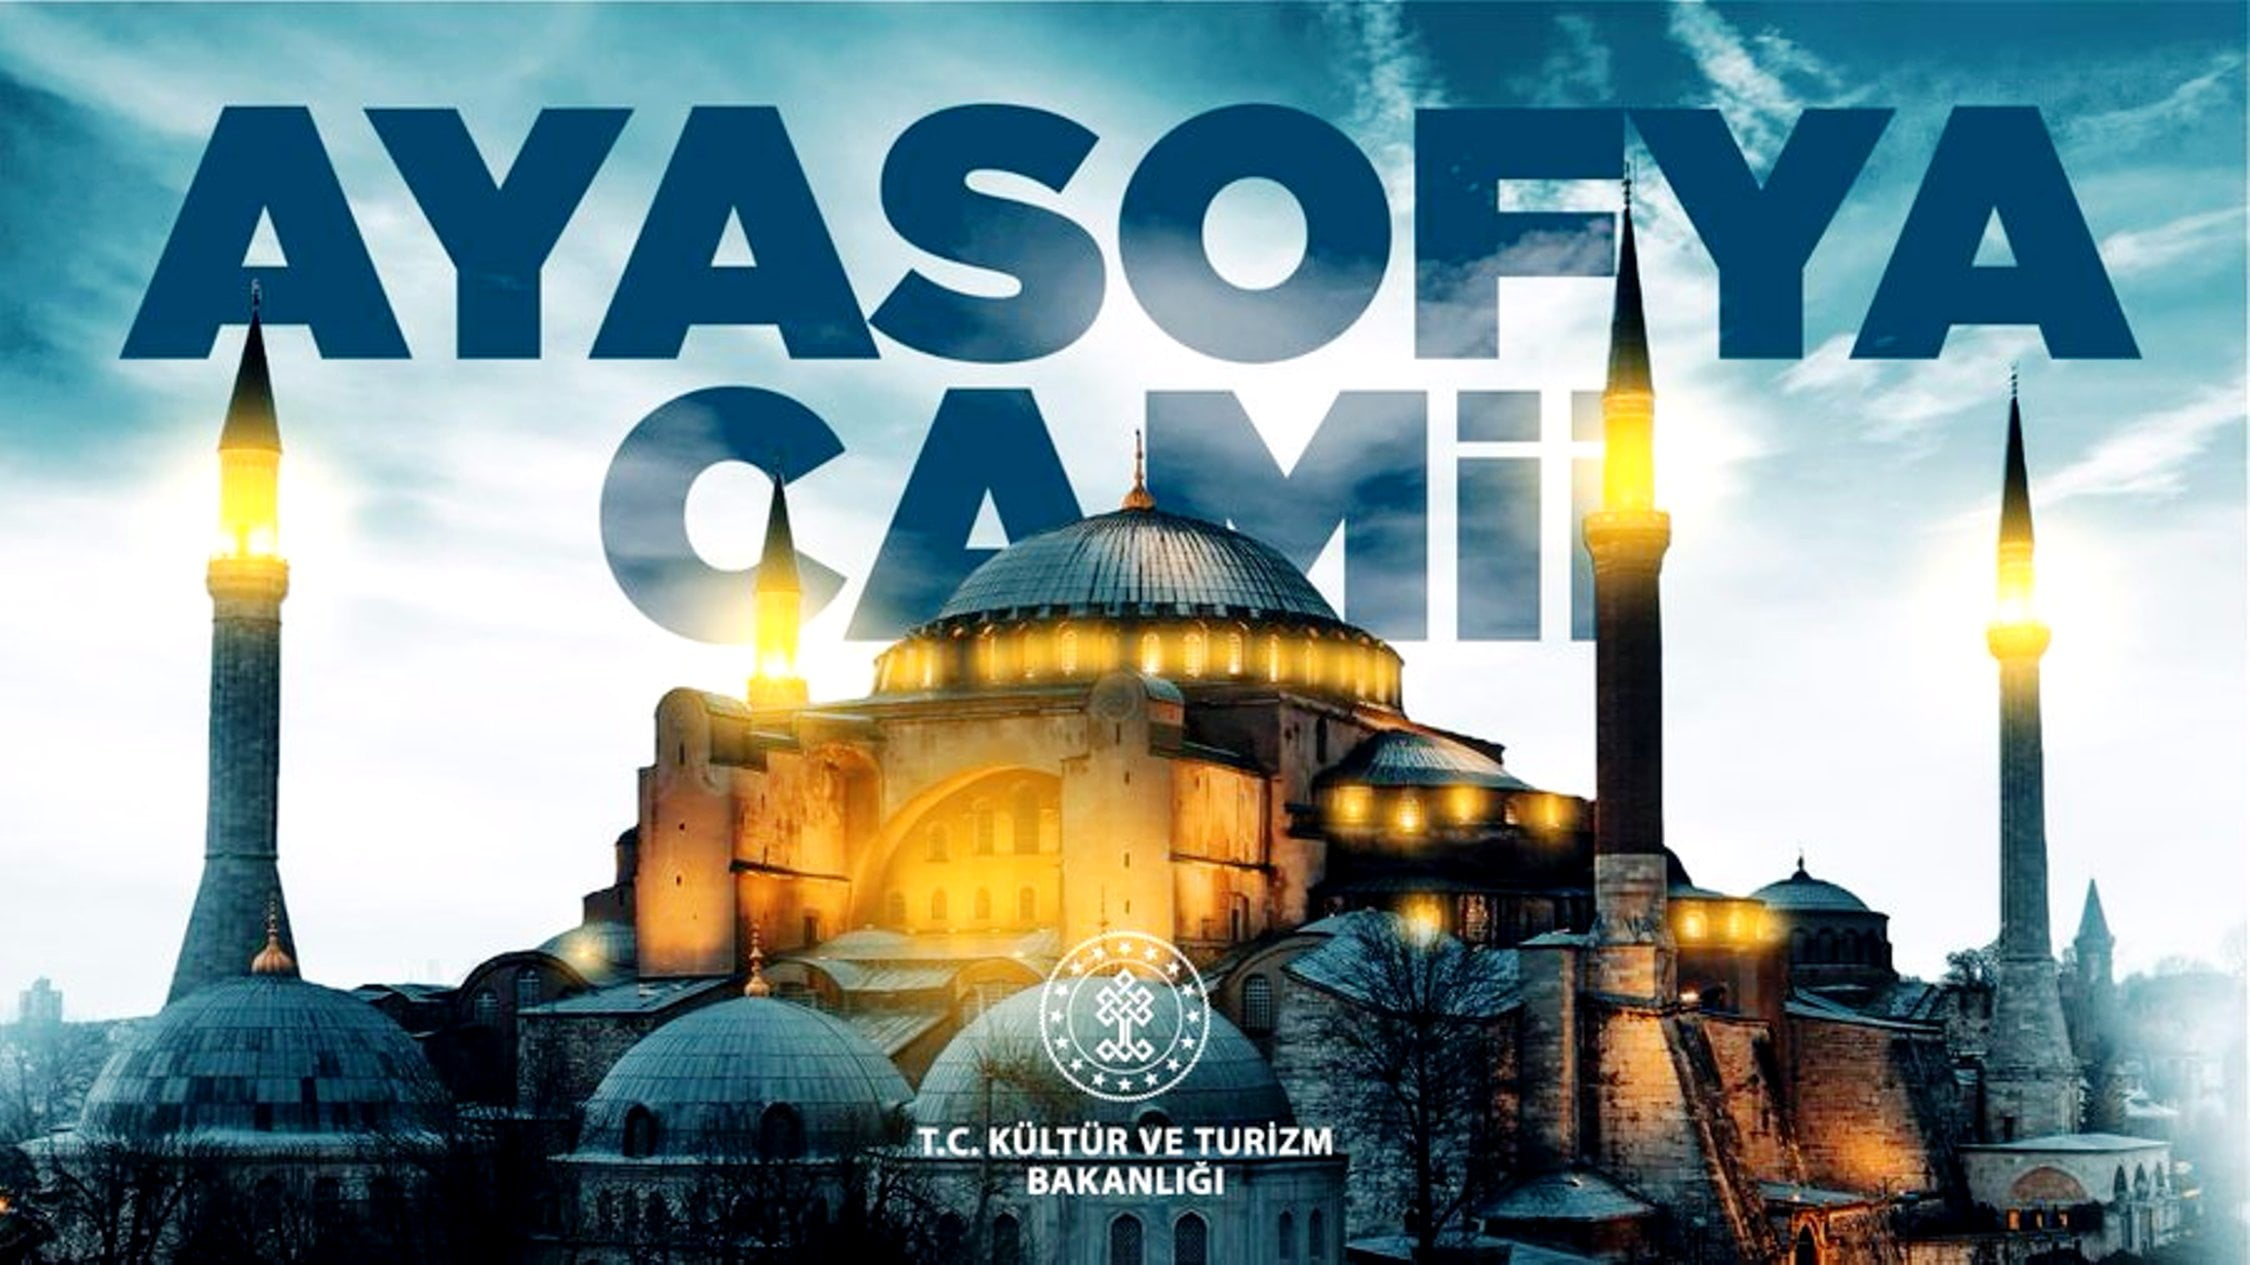 Προσπάθειες για να μην χαθούν οι τουρίστες στο ¨Τζαμί Μεγάλης Αγίας Σοφίας¨…